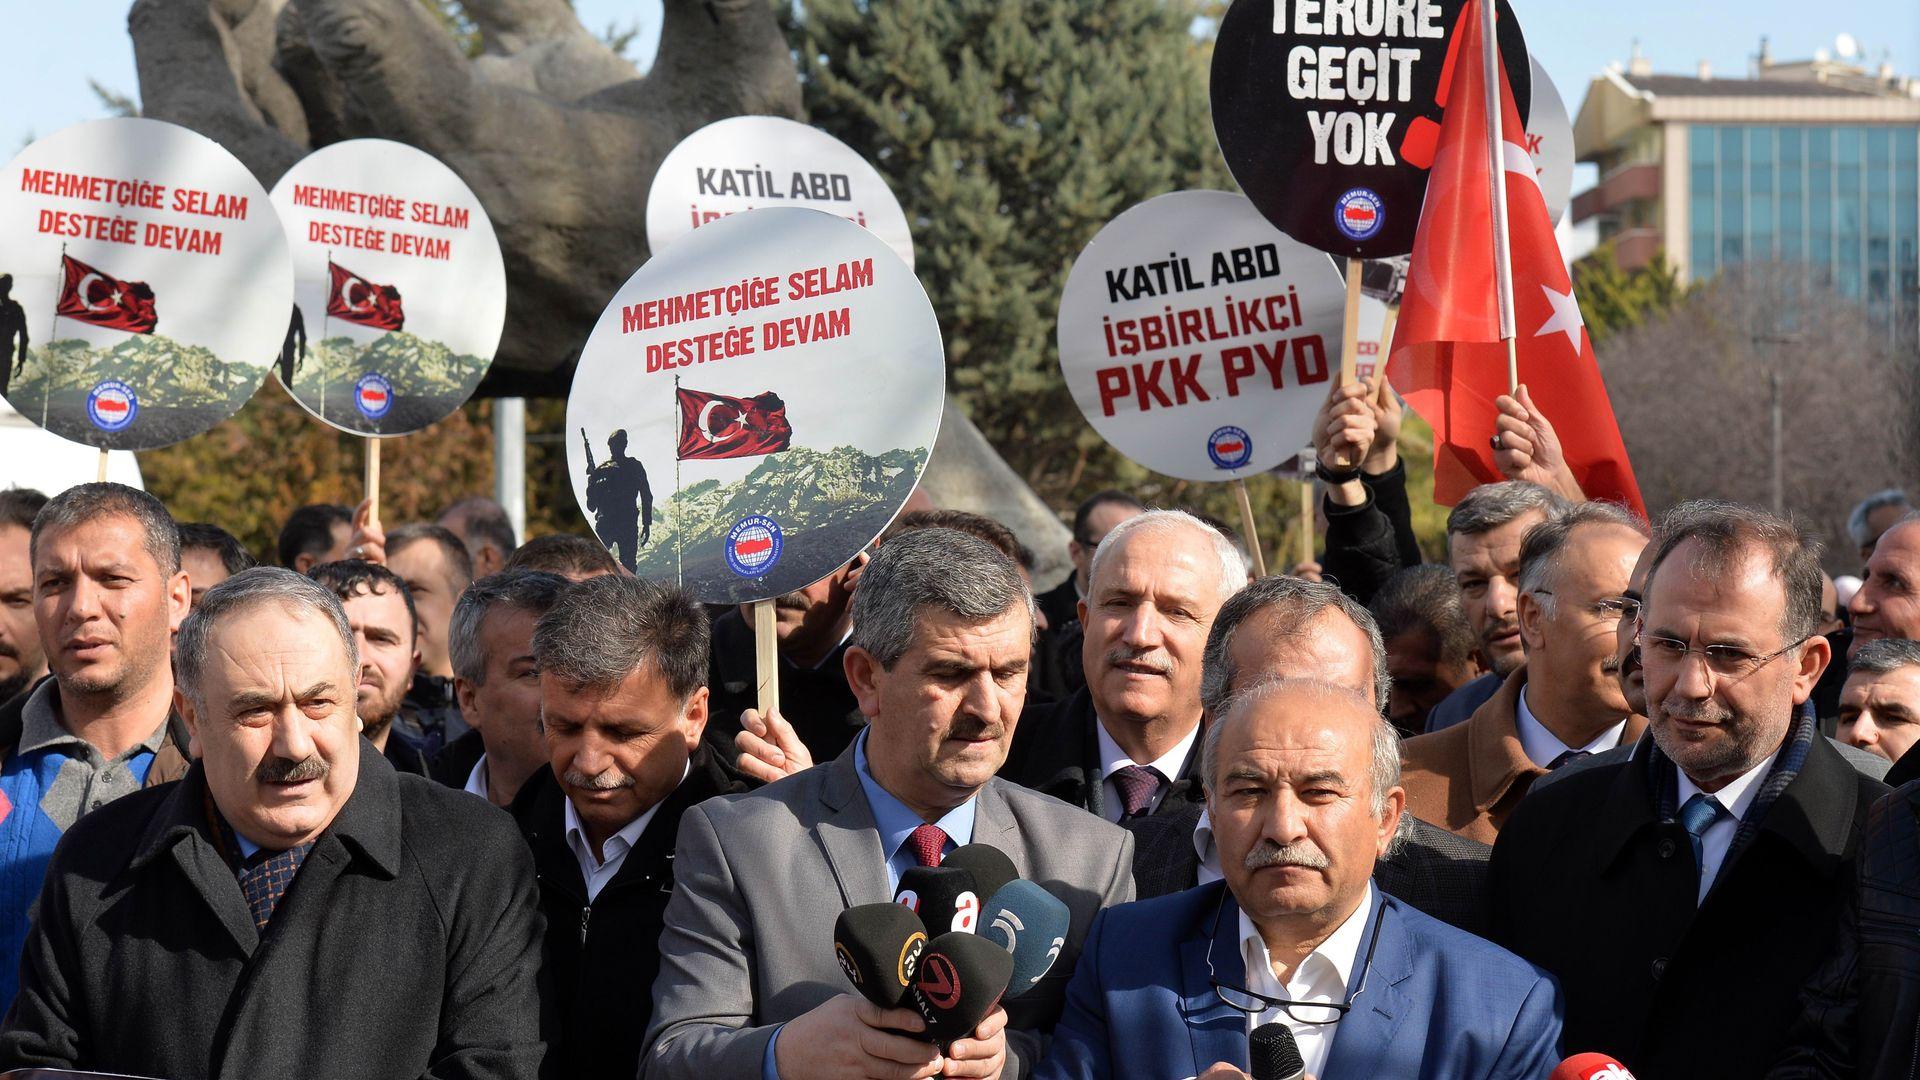 rally in Ankara